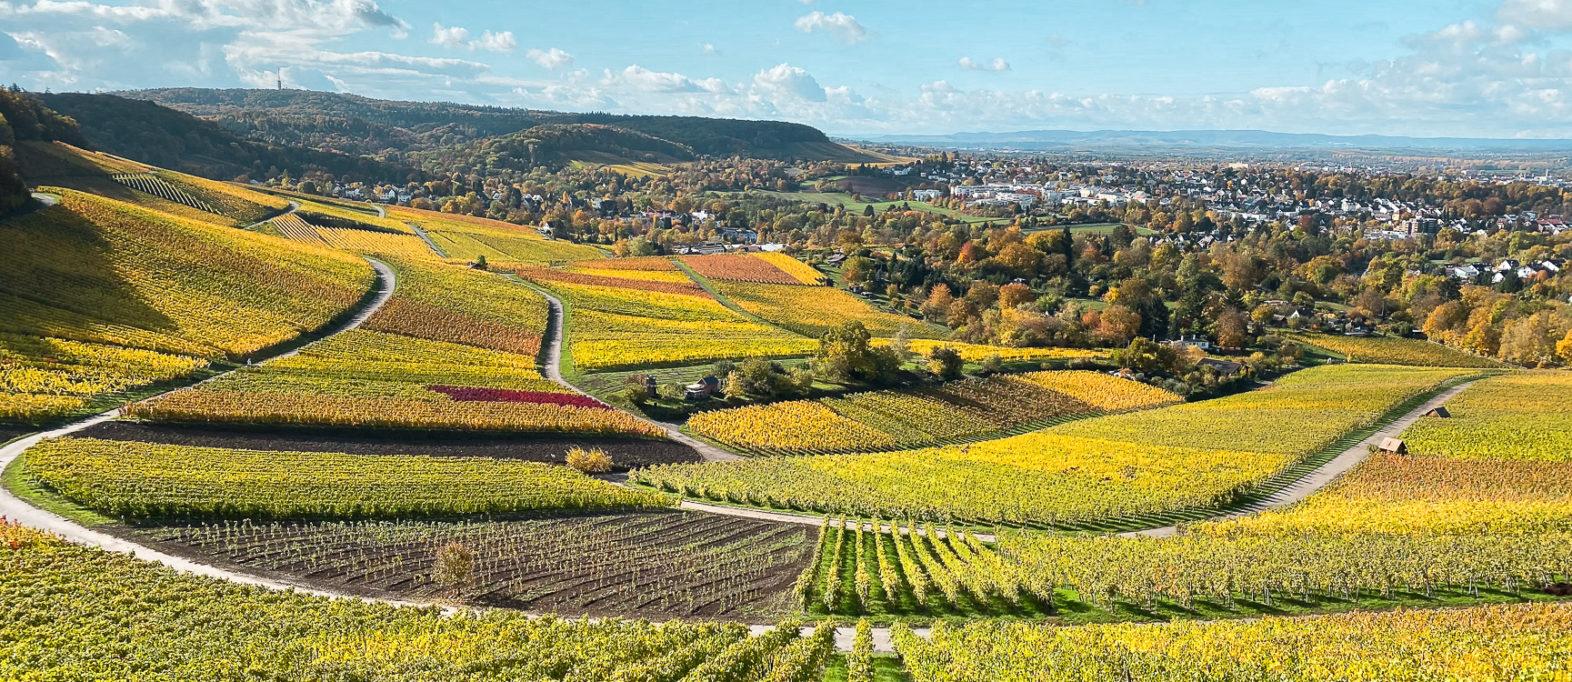 Ausflugsziele rund um Heilbronn: 33 Tipps für Wanderungen, Ausflüge und Aktivitäten in der Region